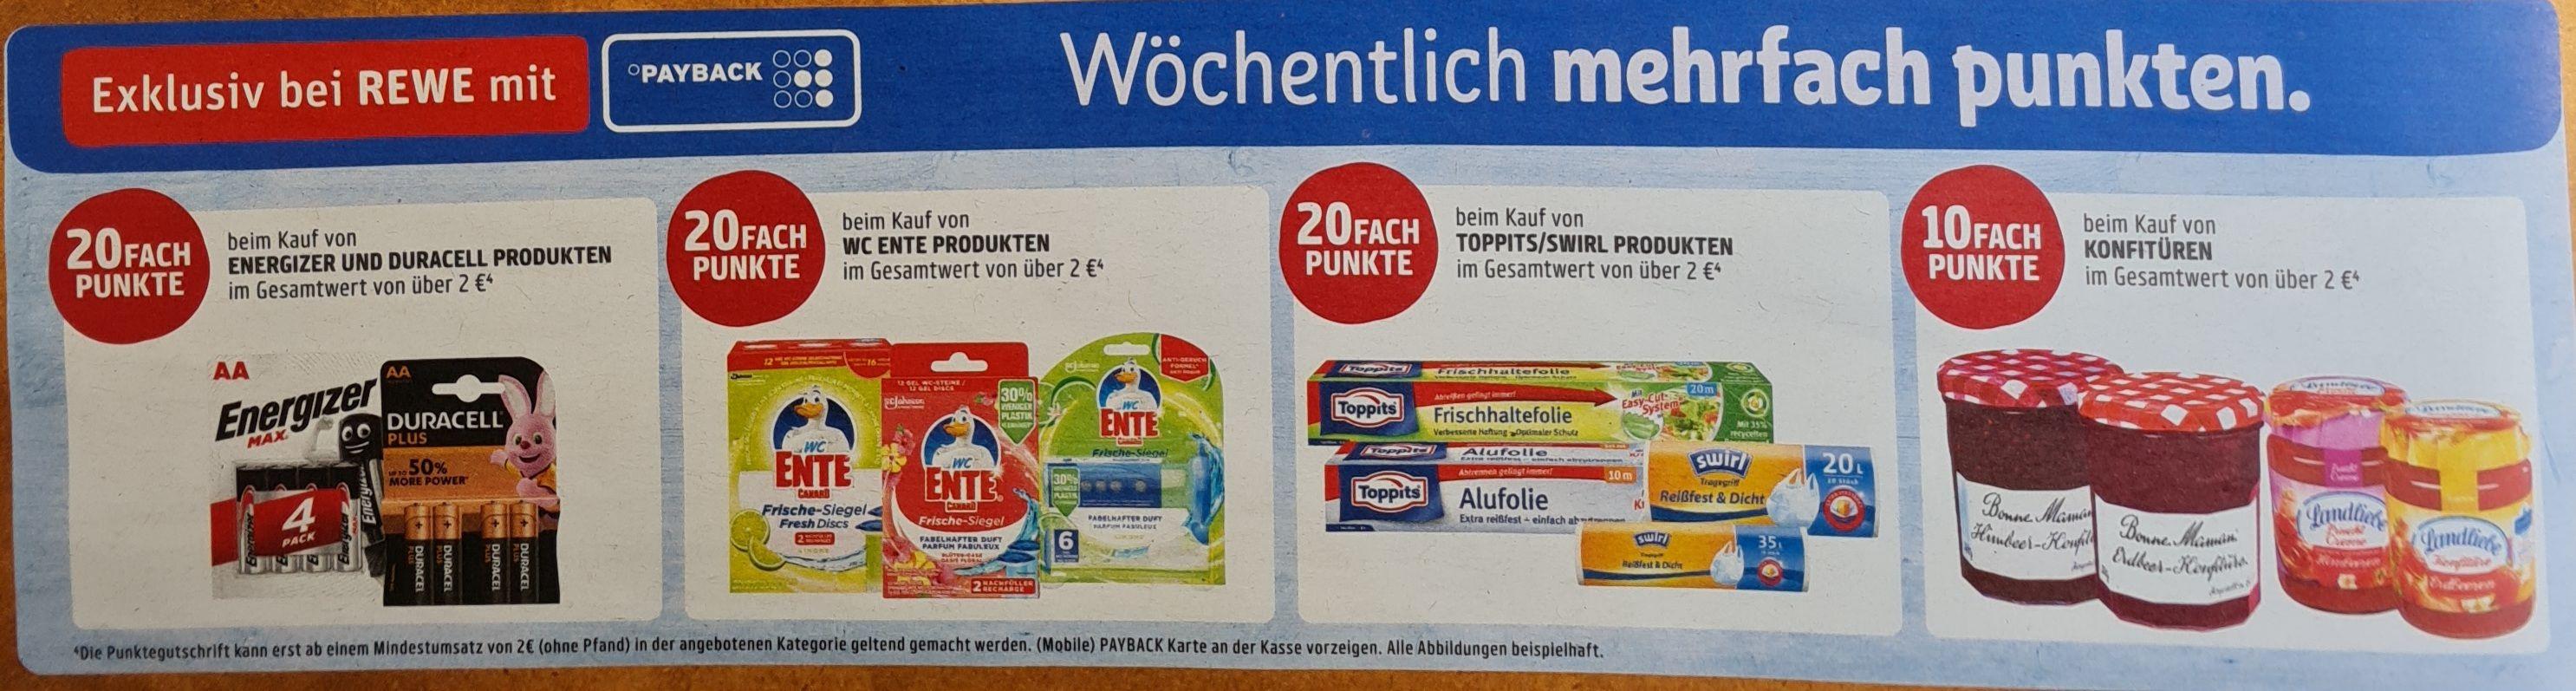 REWE 10Fach und 20Fach ab 2€ auf verschiedene Punkte UND 30% Rabatt auf Miracle Whip ab 17.05